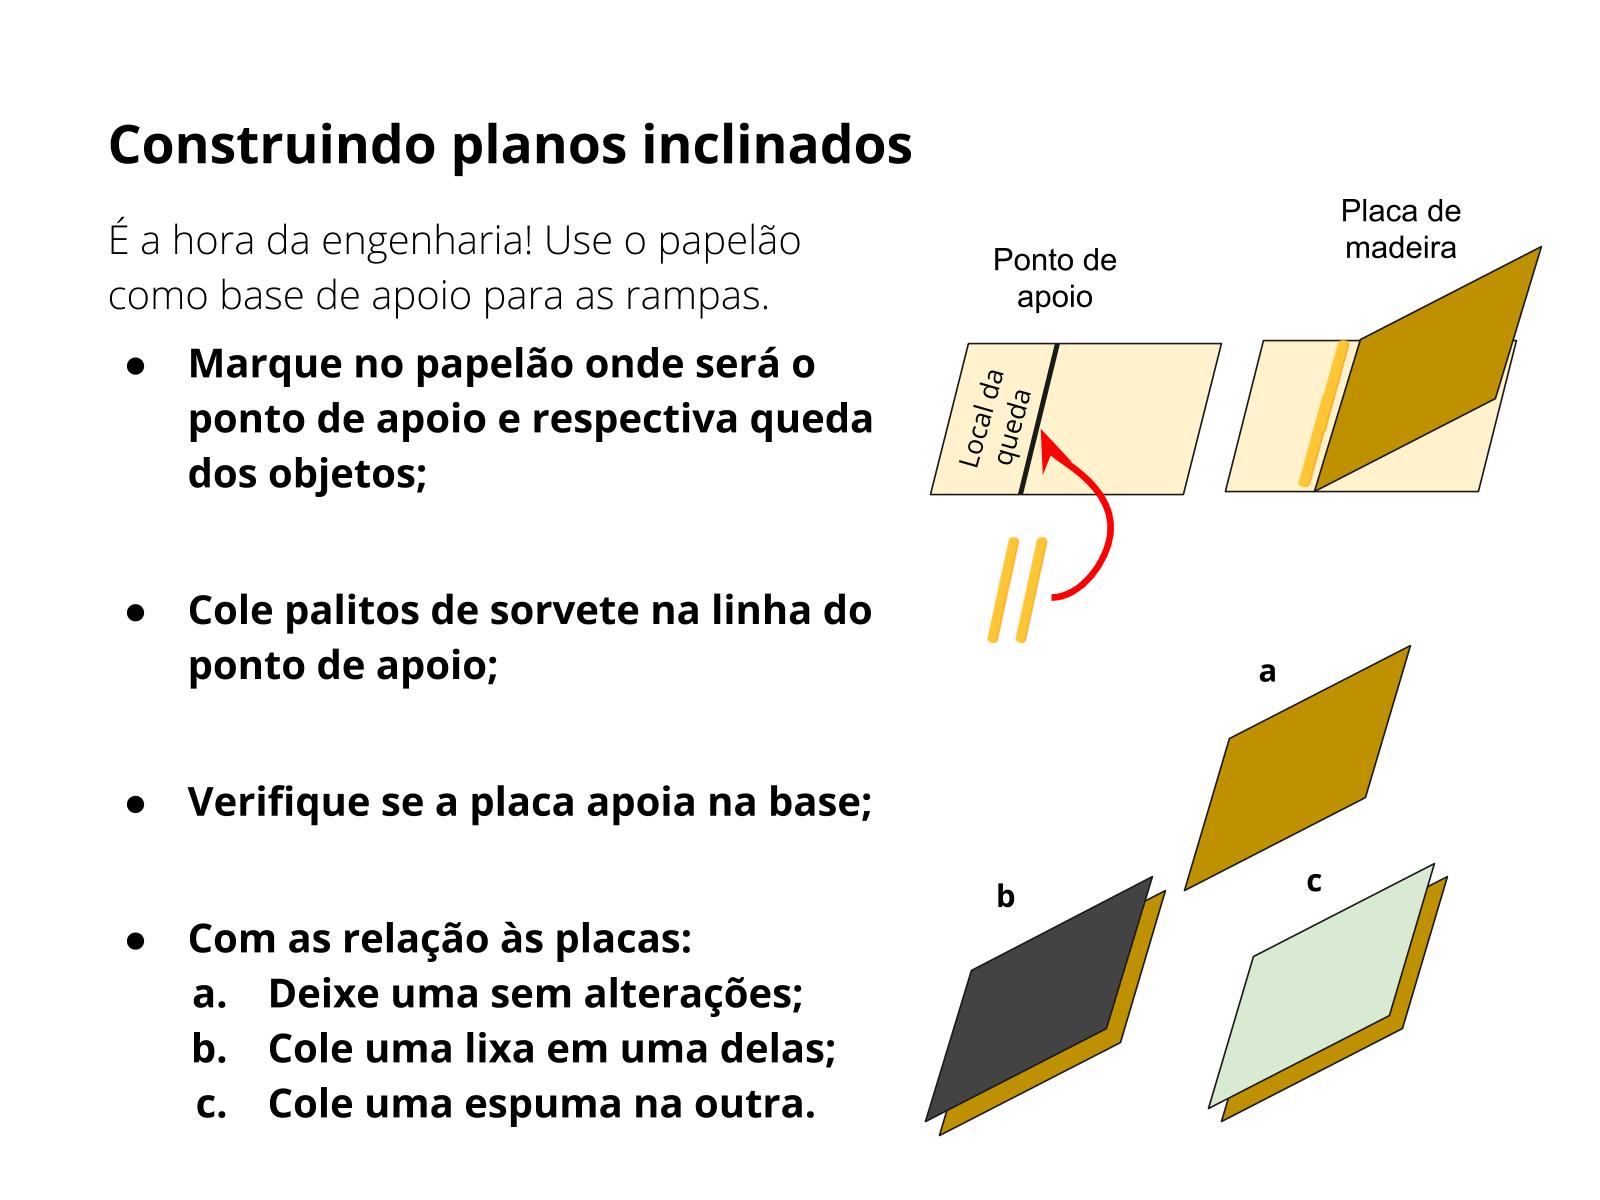 Máquinas simples: plano inclinado